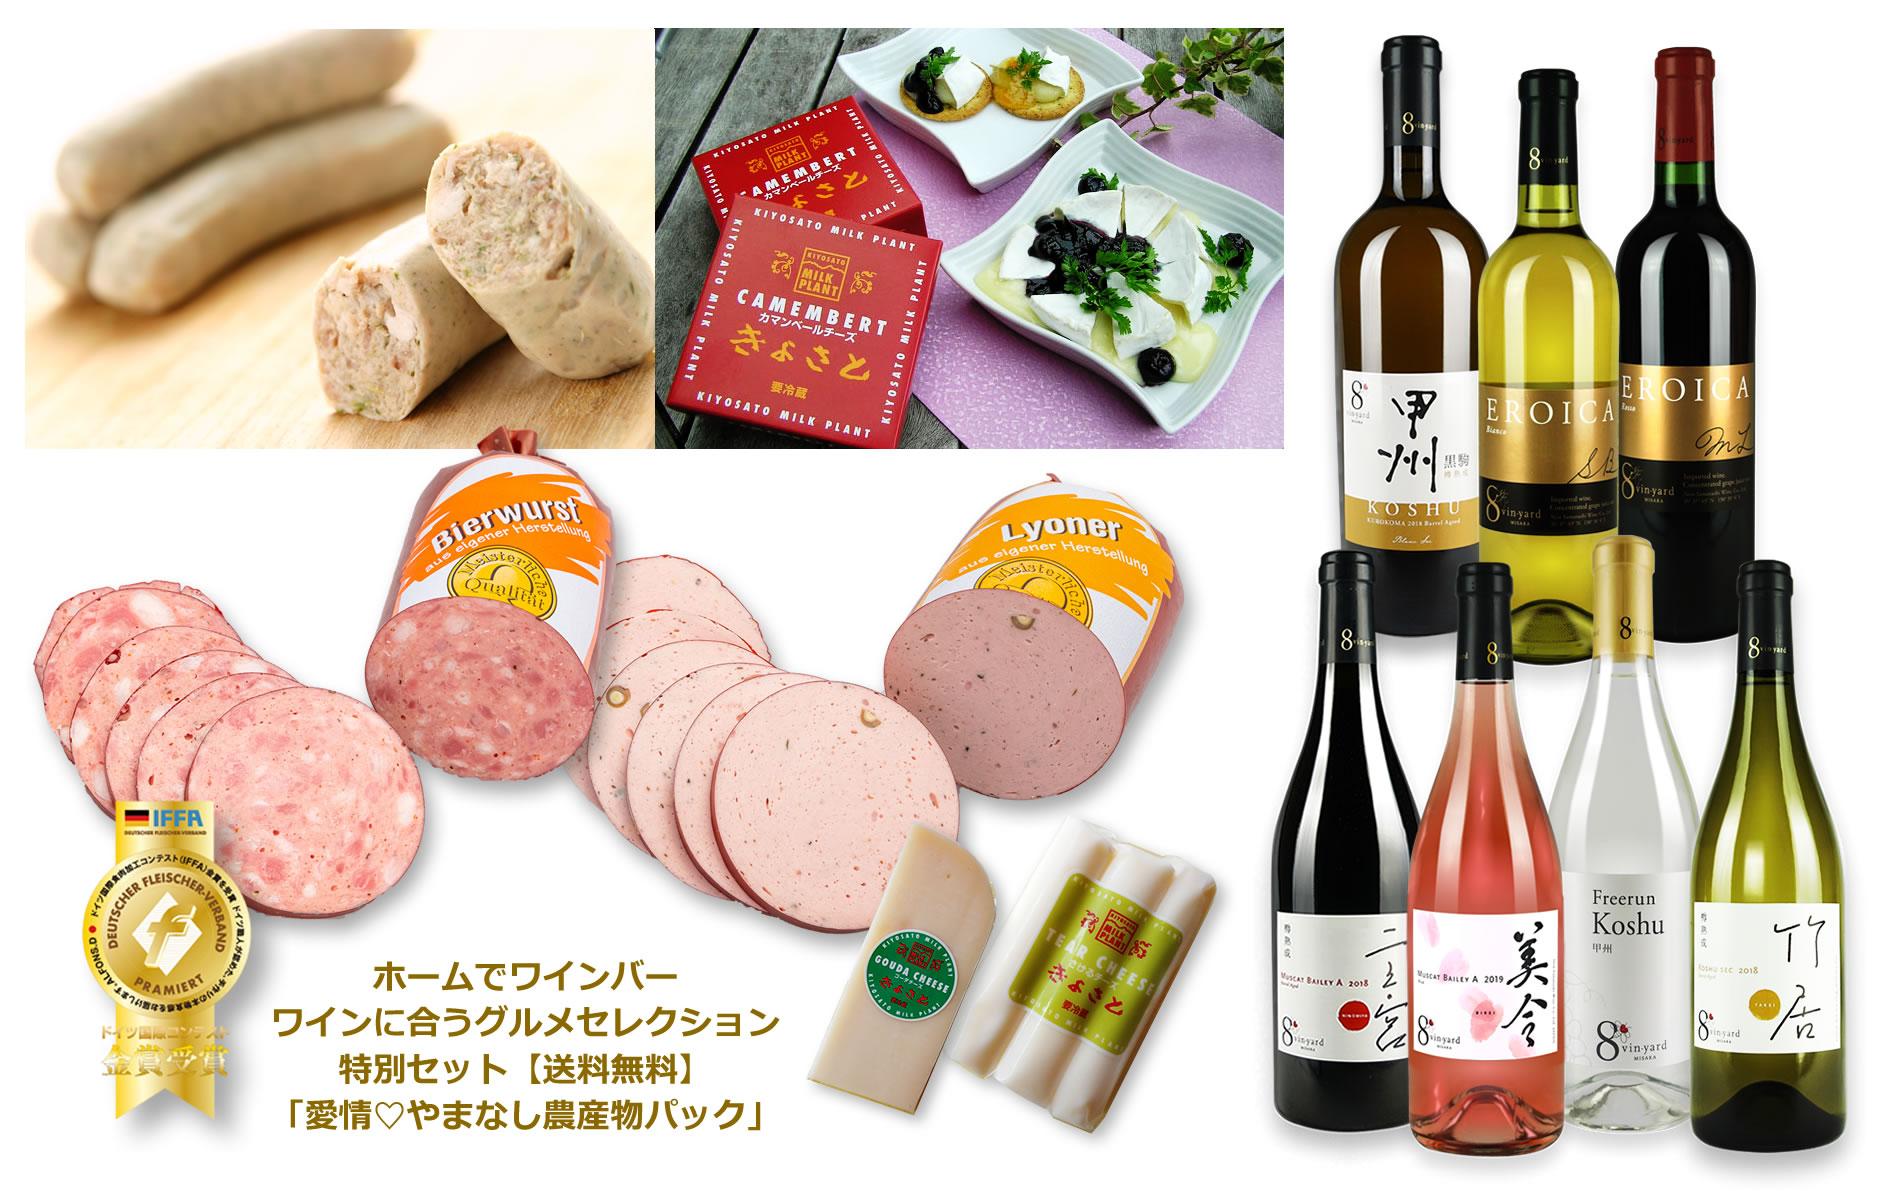 ワインに合うグルメセレクション特別セット「愛情♡やまなし農産物パック」イメージ